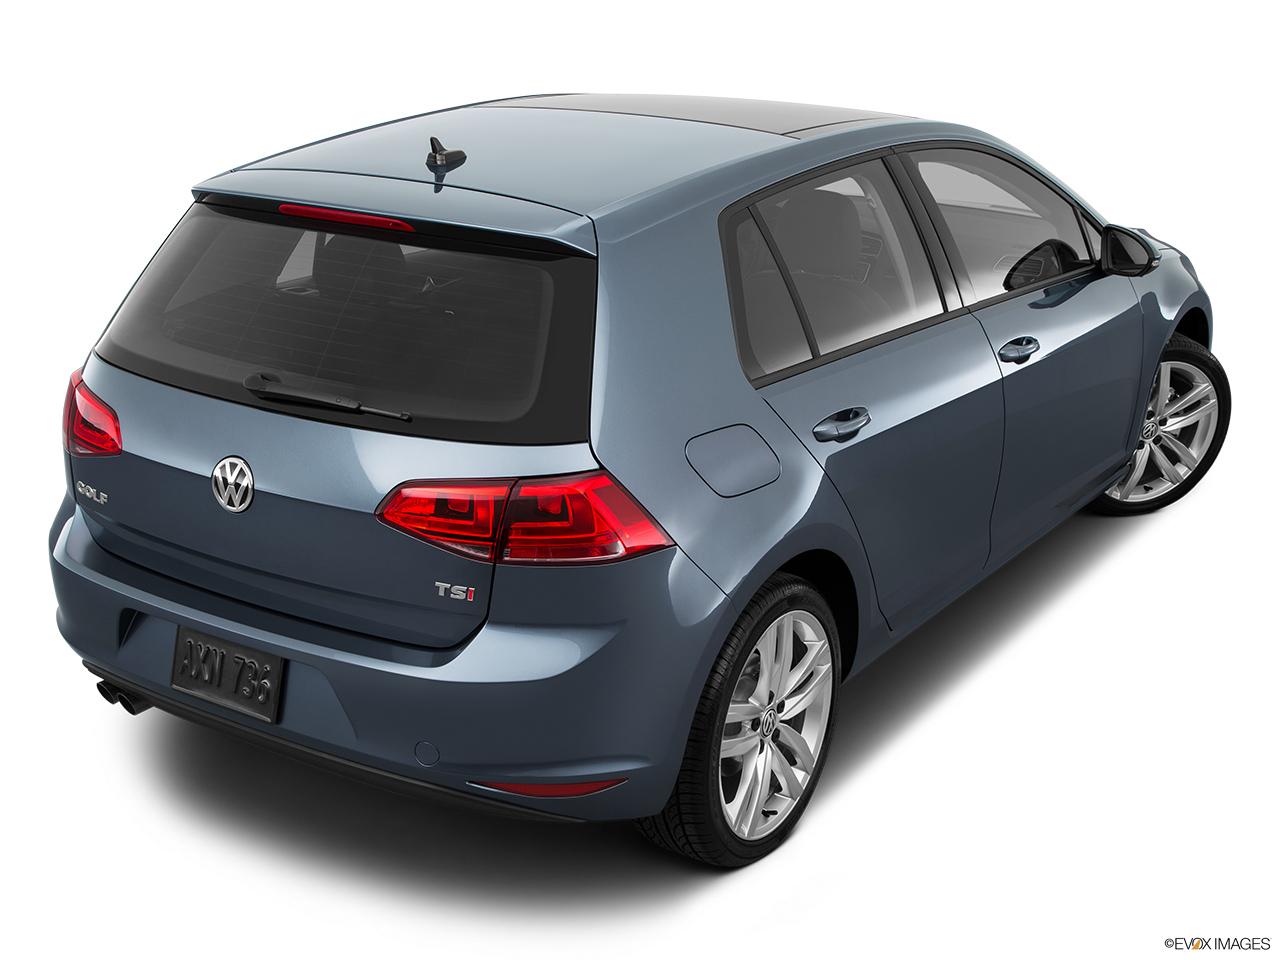 2015 volkswagen golf manual tdi se hatchback front angle view rh carnow com 1997 Volkswagen Golf Volkswagen Golf GTI VR6